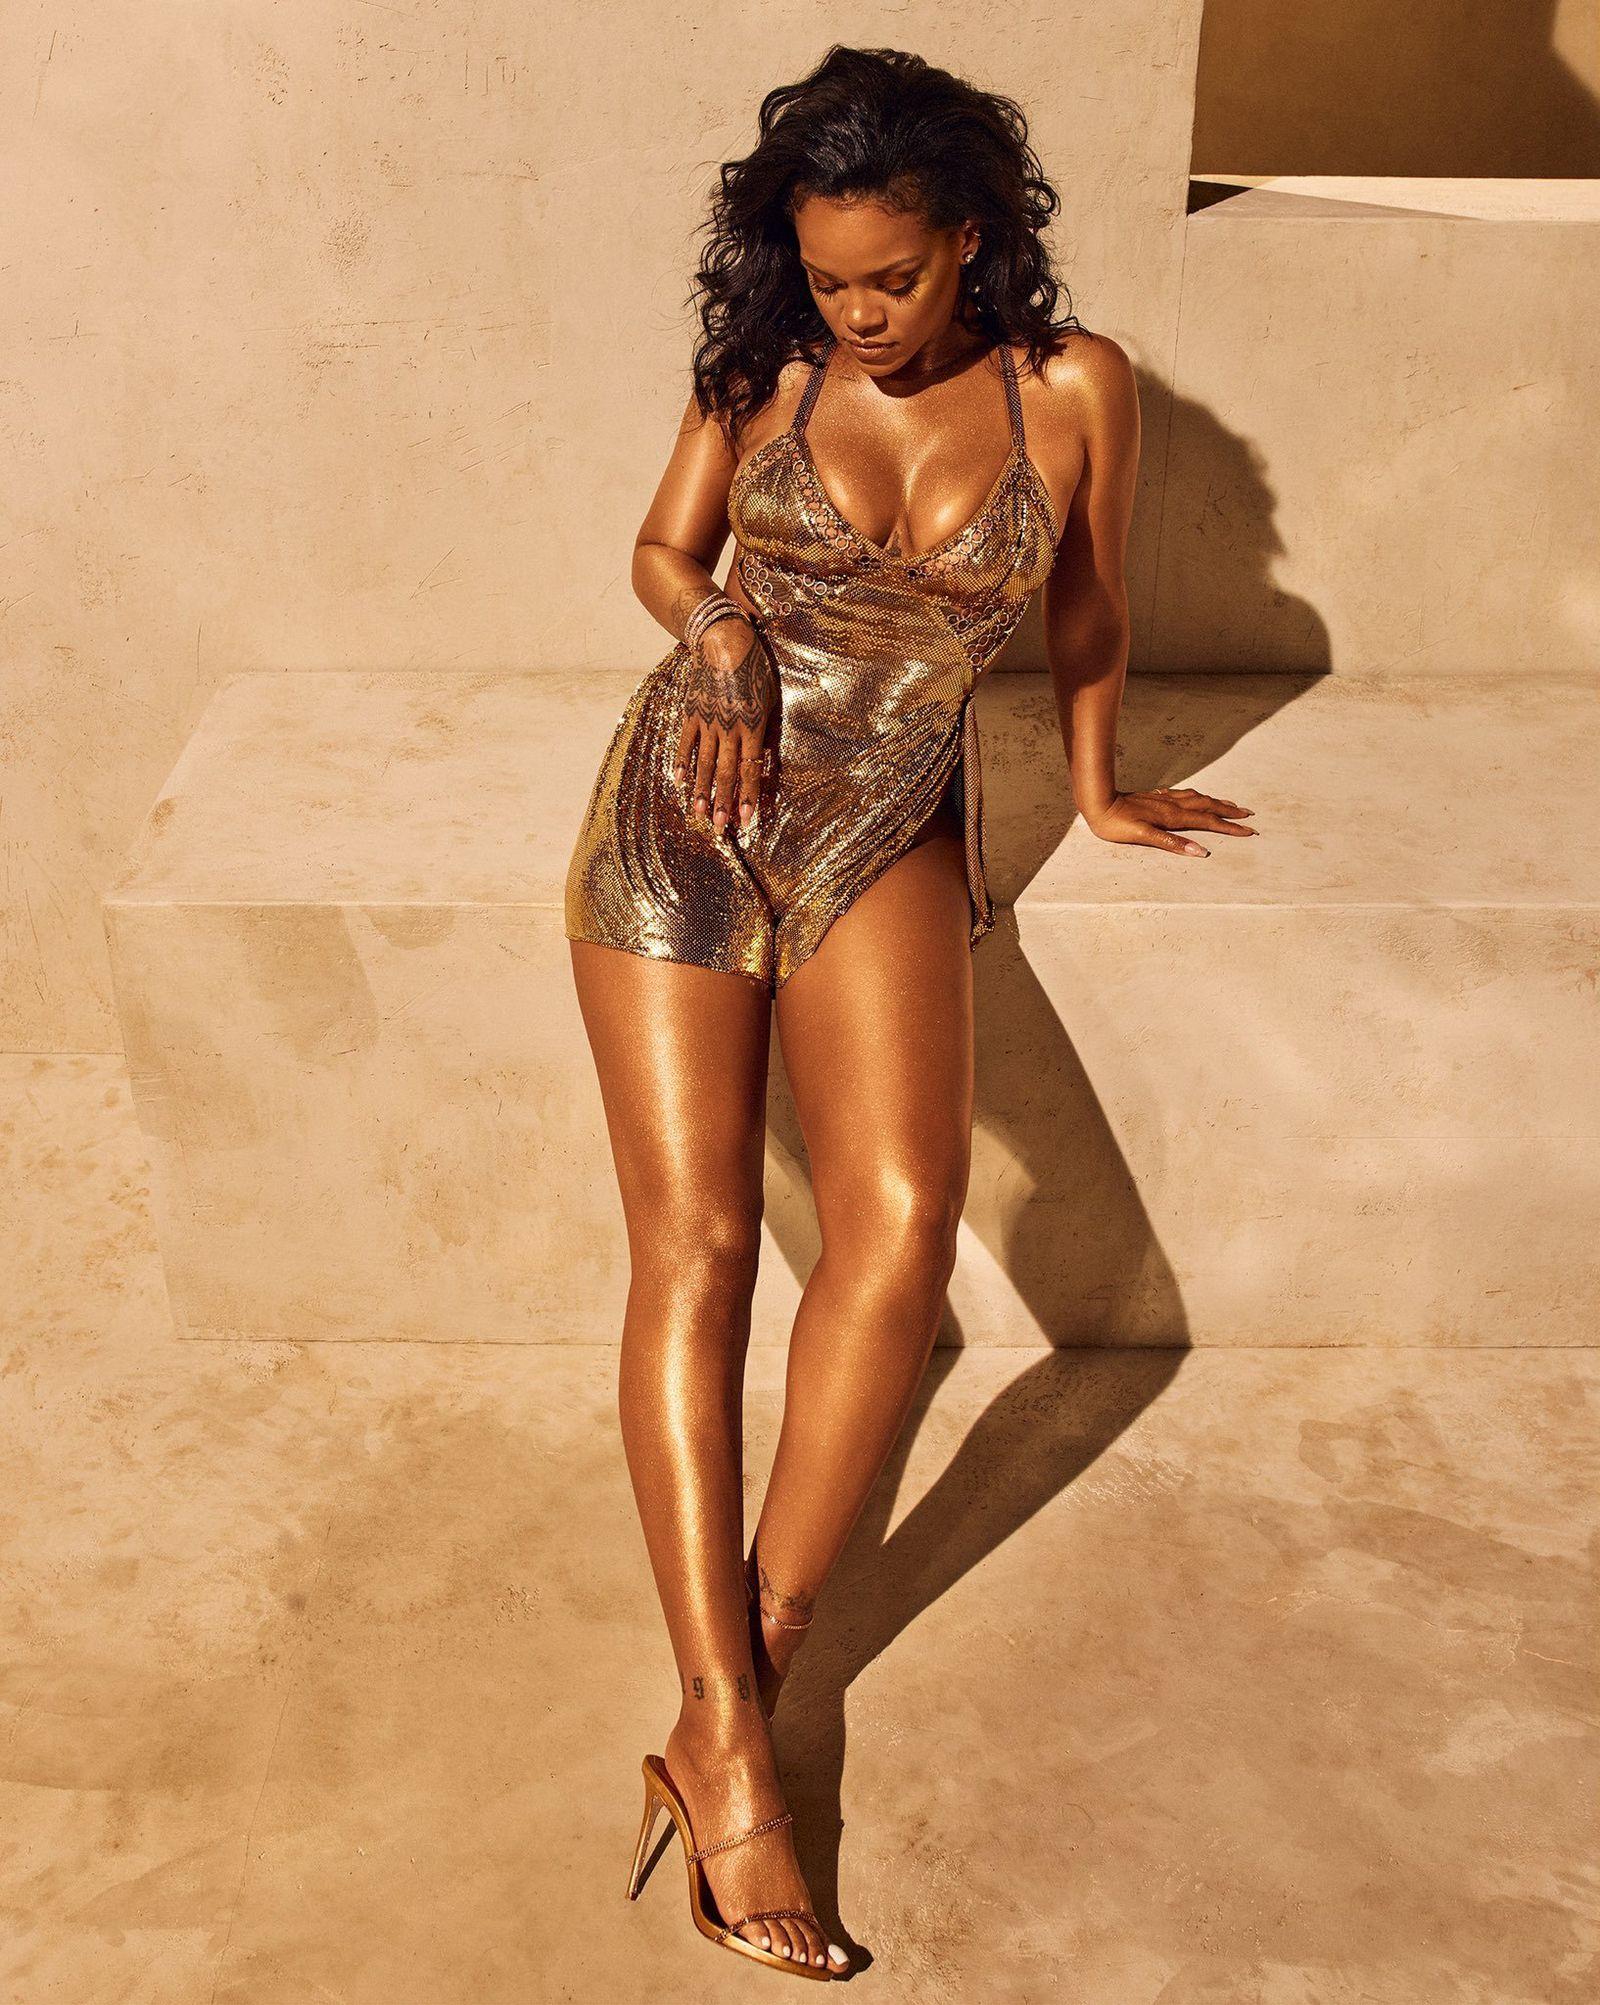 Rihanna/ Fenty/ Rihanna pose toute dorée pour la nouvelle campagne de sa marque Fenty Beauty